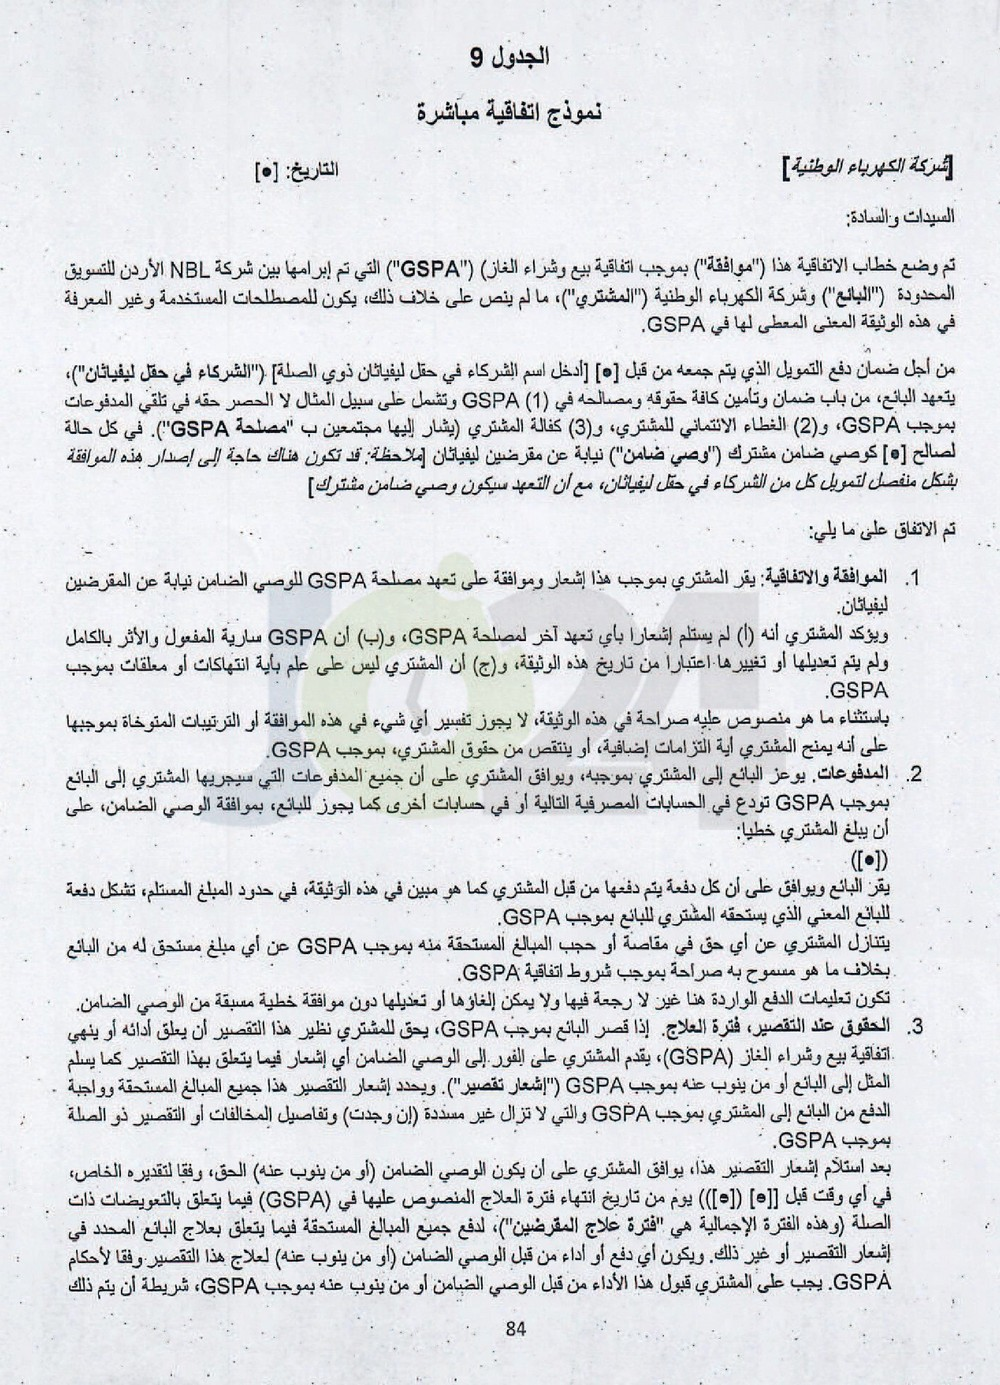 الاردن24 تنشر نص اتفاقية الغاز بين الاردن واسرائيل - فيديو